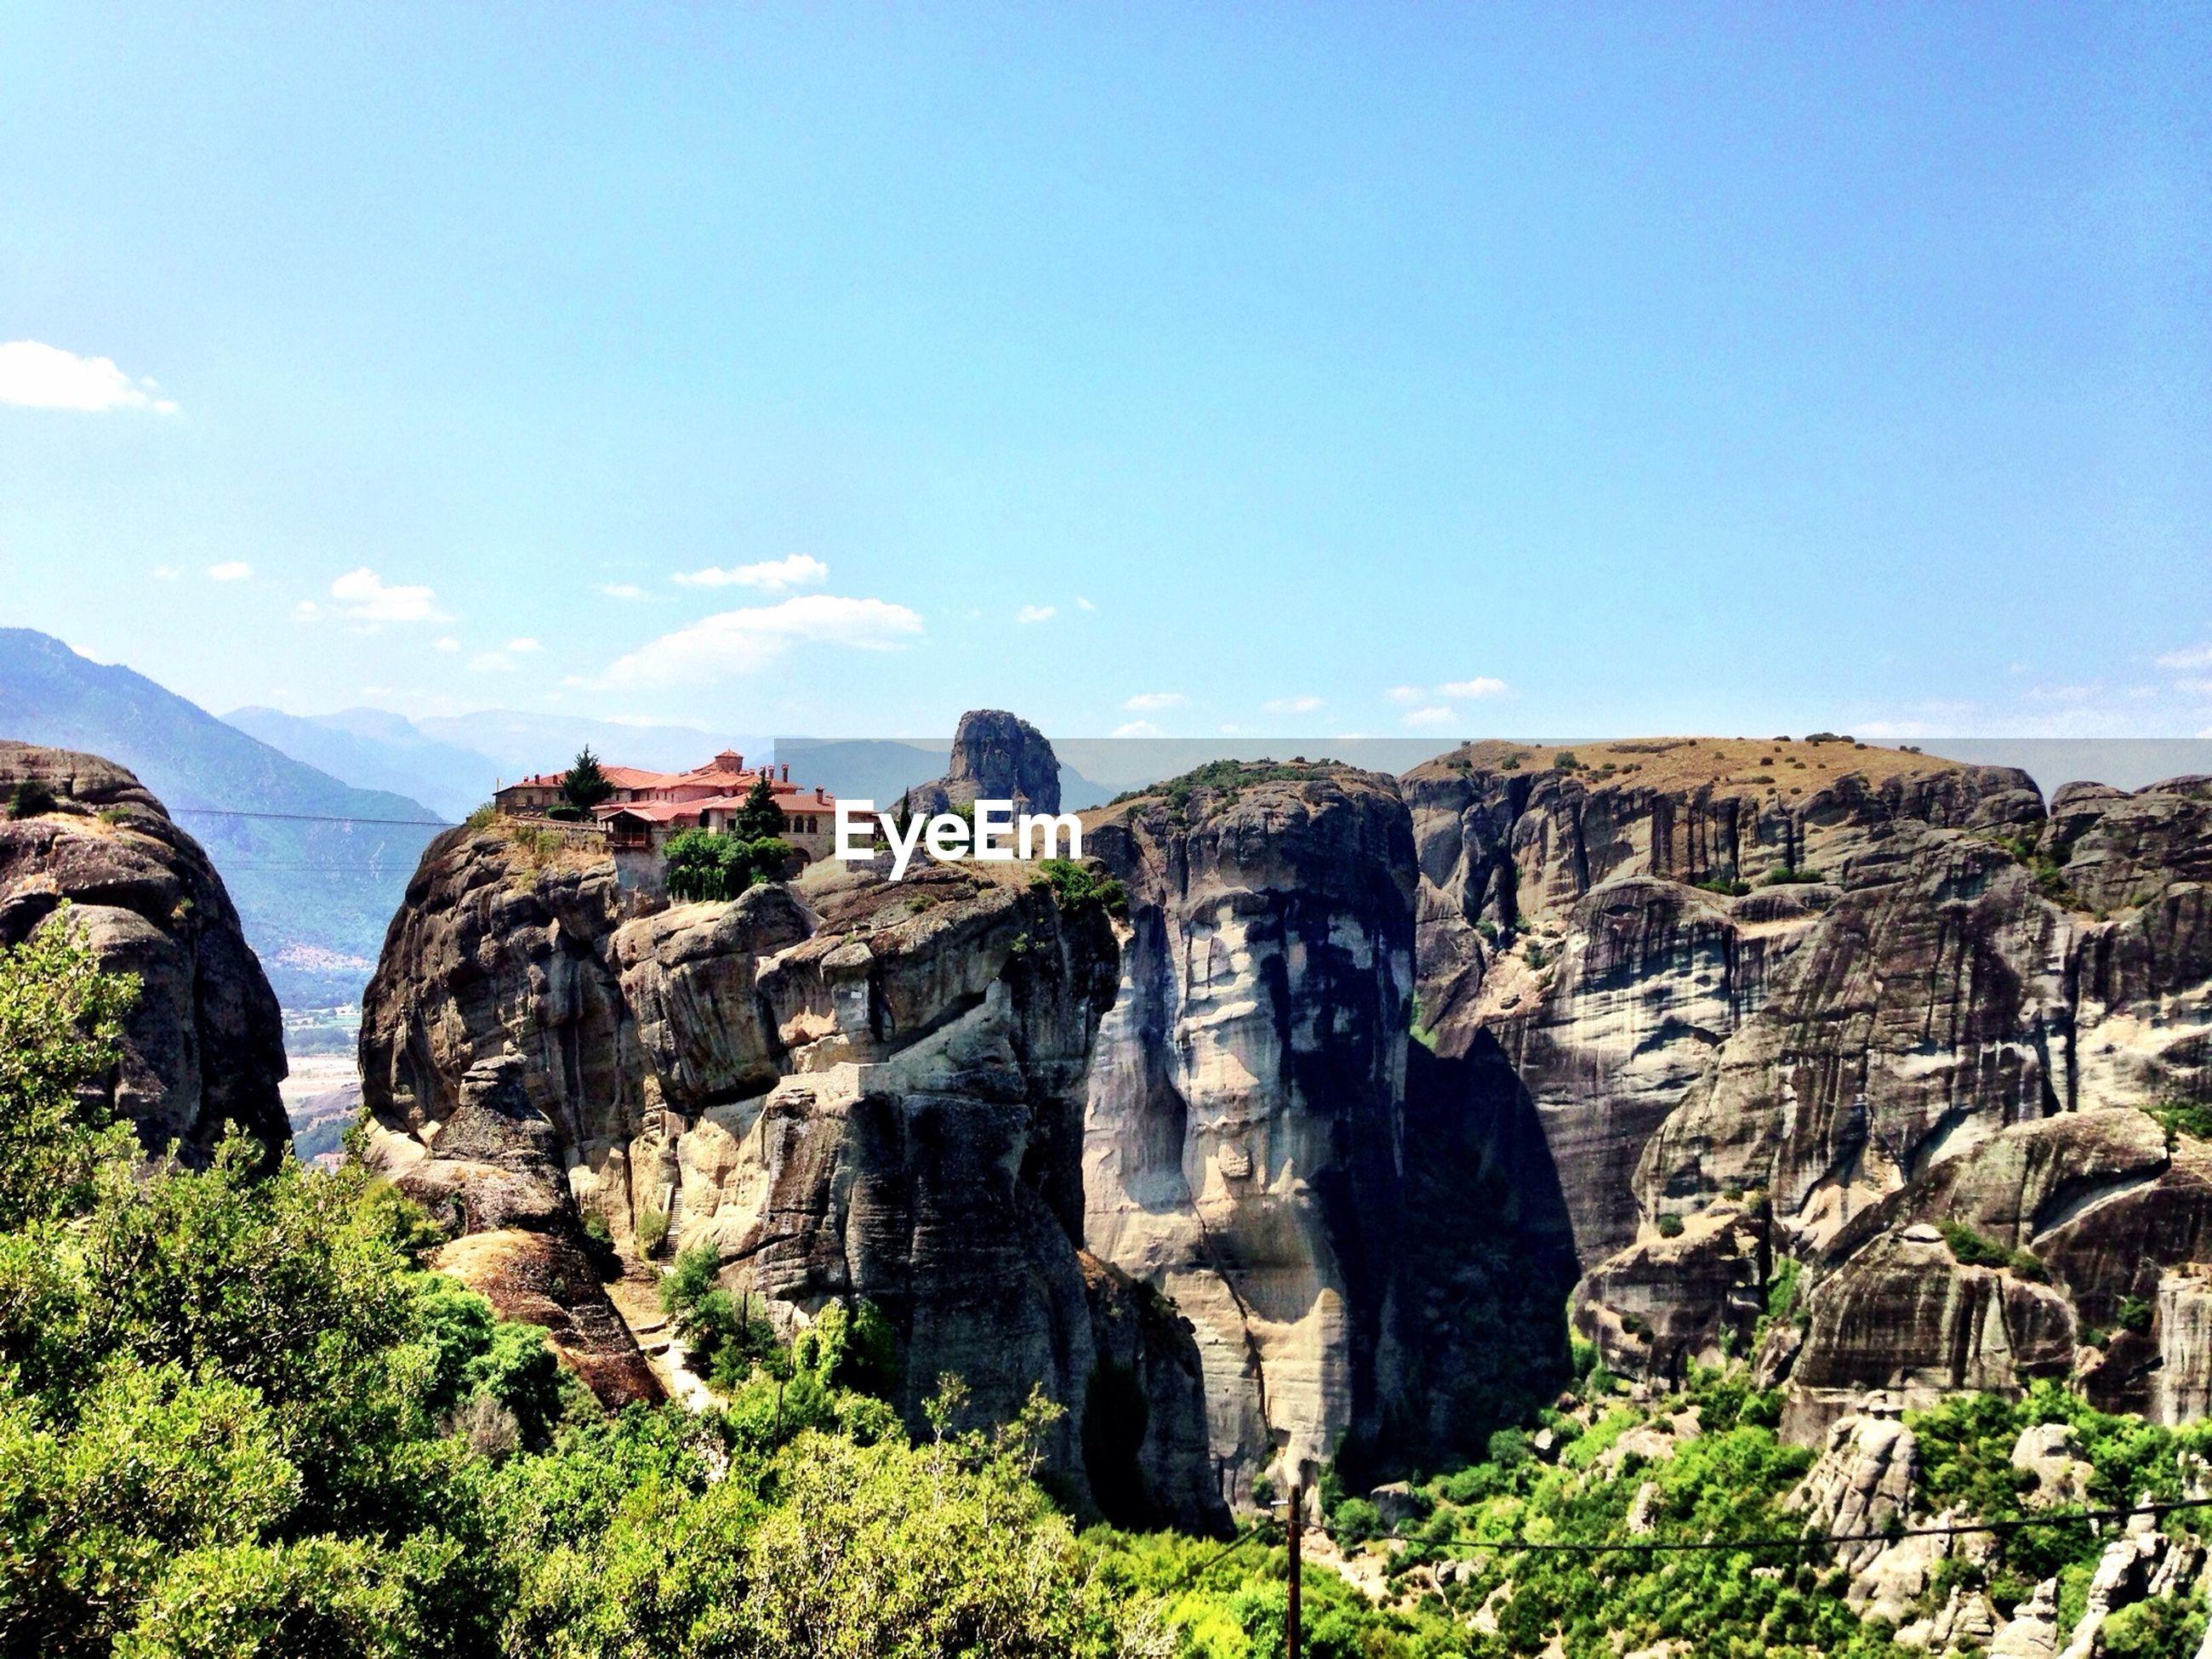 Varlaam monastery on meteora rocks